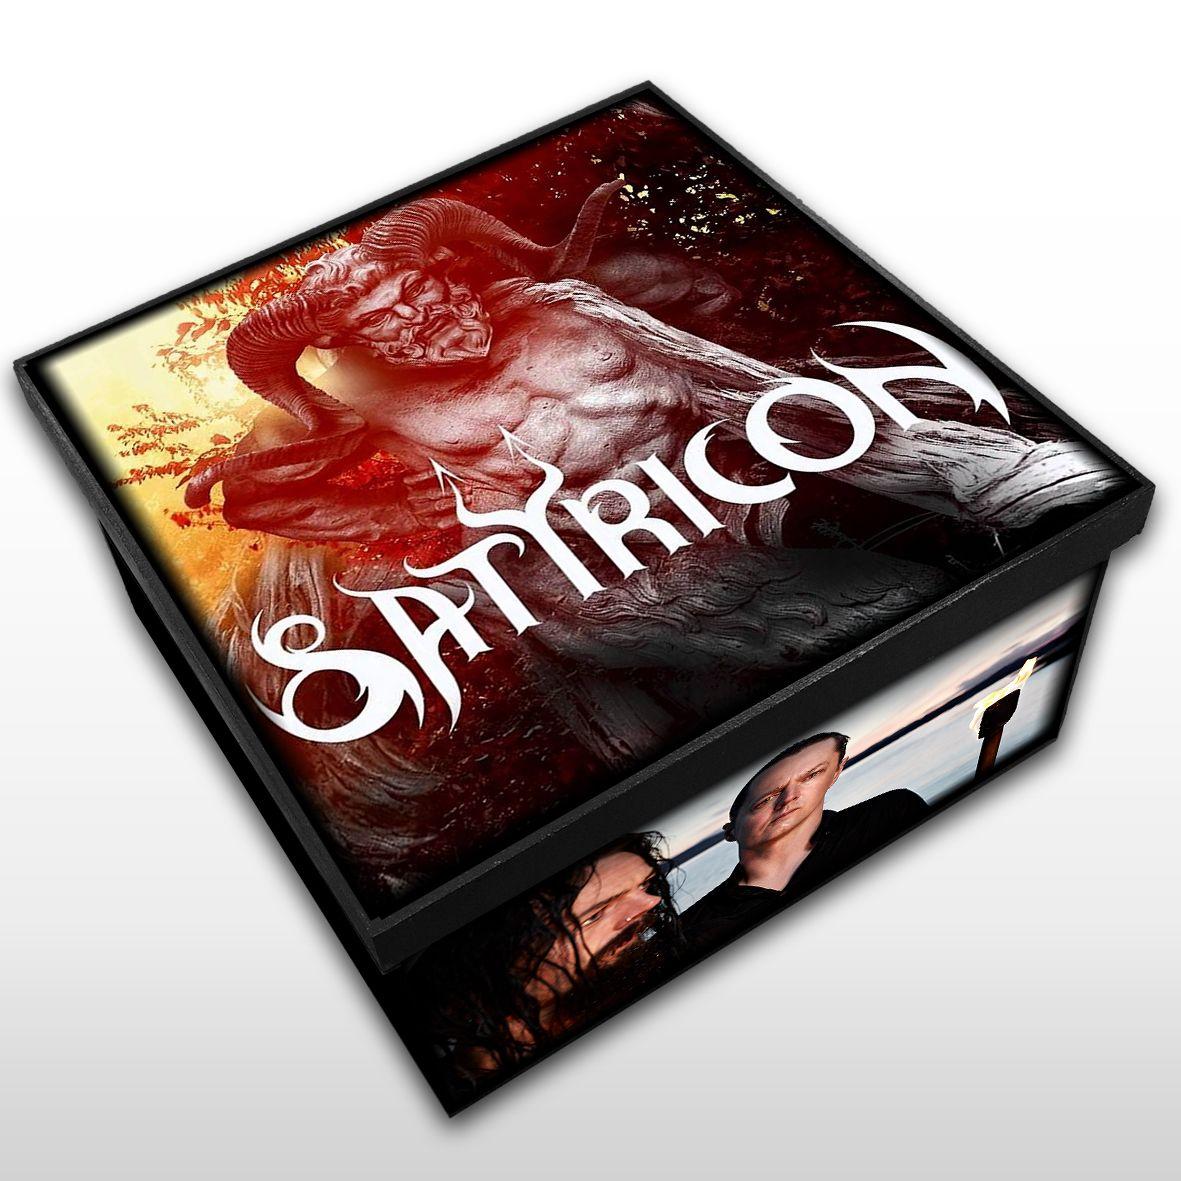 Satyricon - Caixa Organizadora em Madeira MDF - Tamanho Médio - Mr. Rock